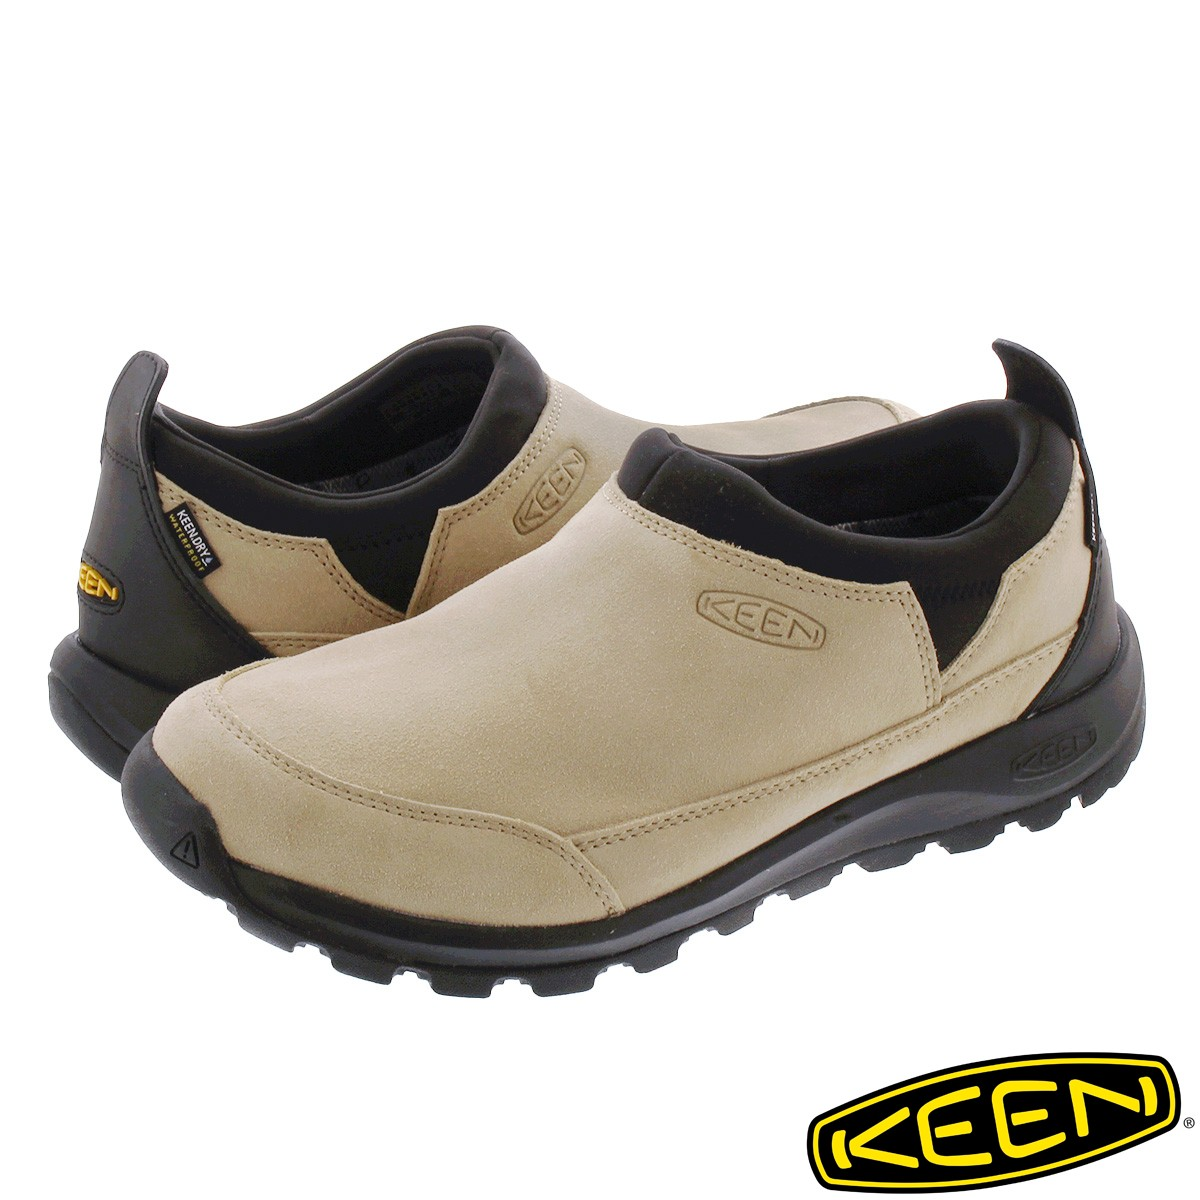 送料無料 KEEN キーン スニーカー 靴 スリッポン メンズ 買い取り 防水 ハイキング アウトドア 春の新作 登山 ウォータープルーフ MOC フェス GLIESER WP ベージュ SAFARI グリーザー モック 1023838 BLACK